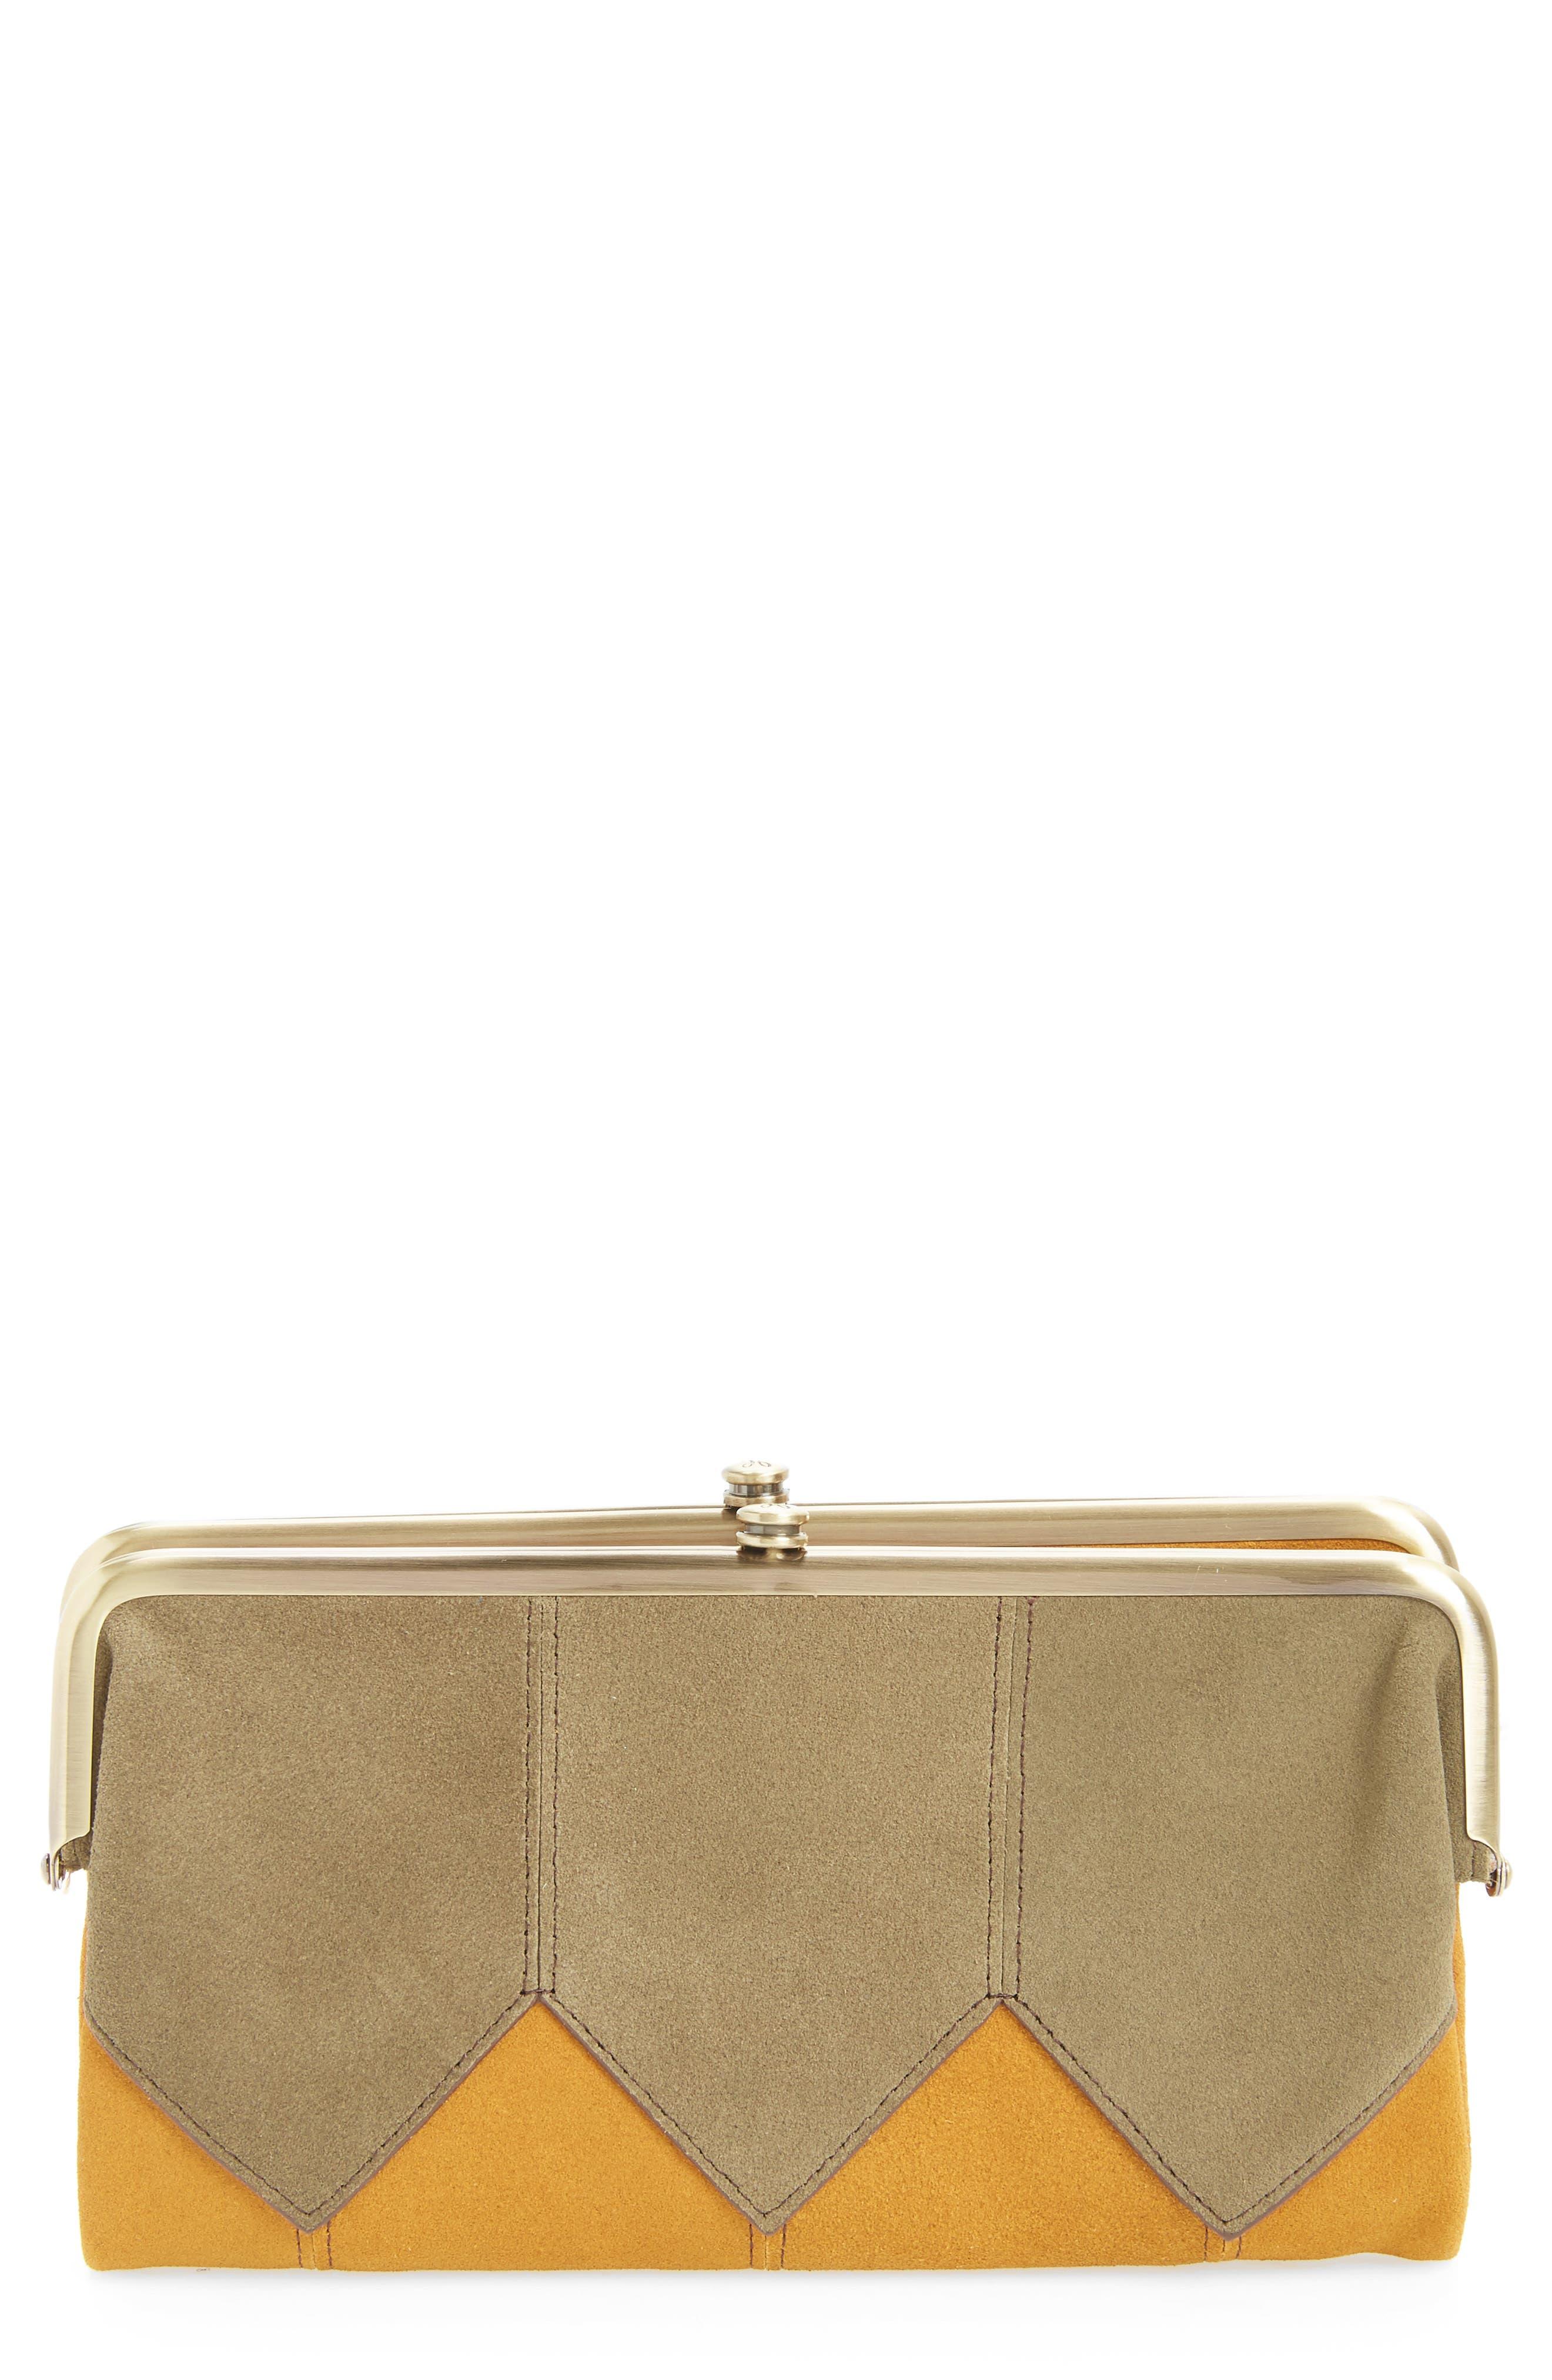 Hobo Lauren Colorblock Calfskin Leather Wallet